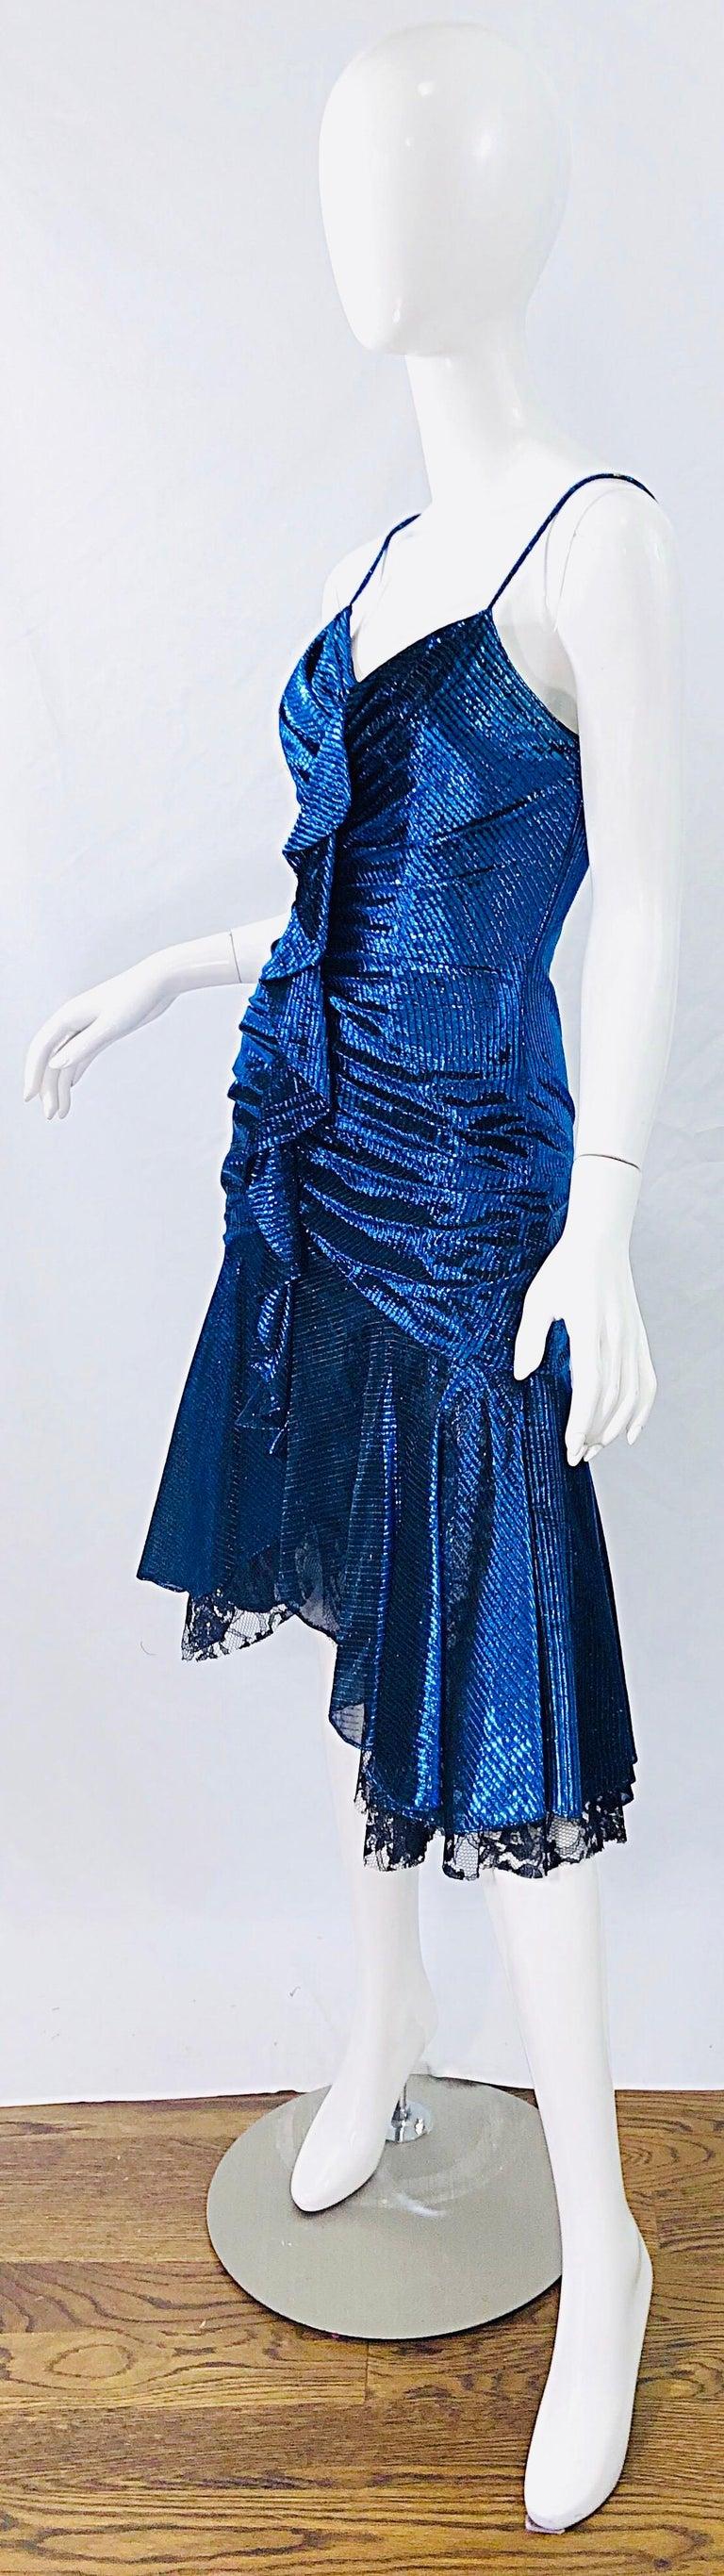 Women's 1980s Samir Electric Blue Lurex + Black Lace Handkerchief Hem Vintage 80s Dress For Sale